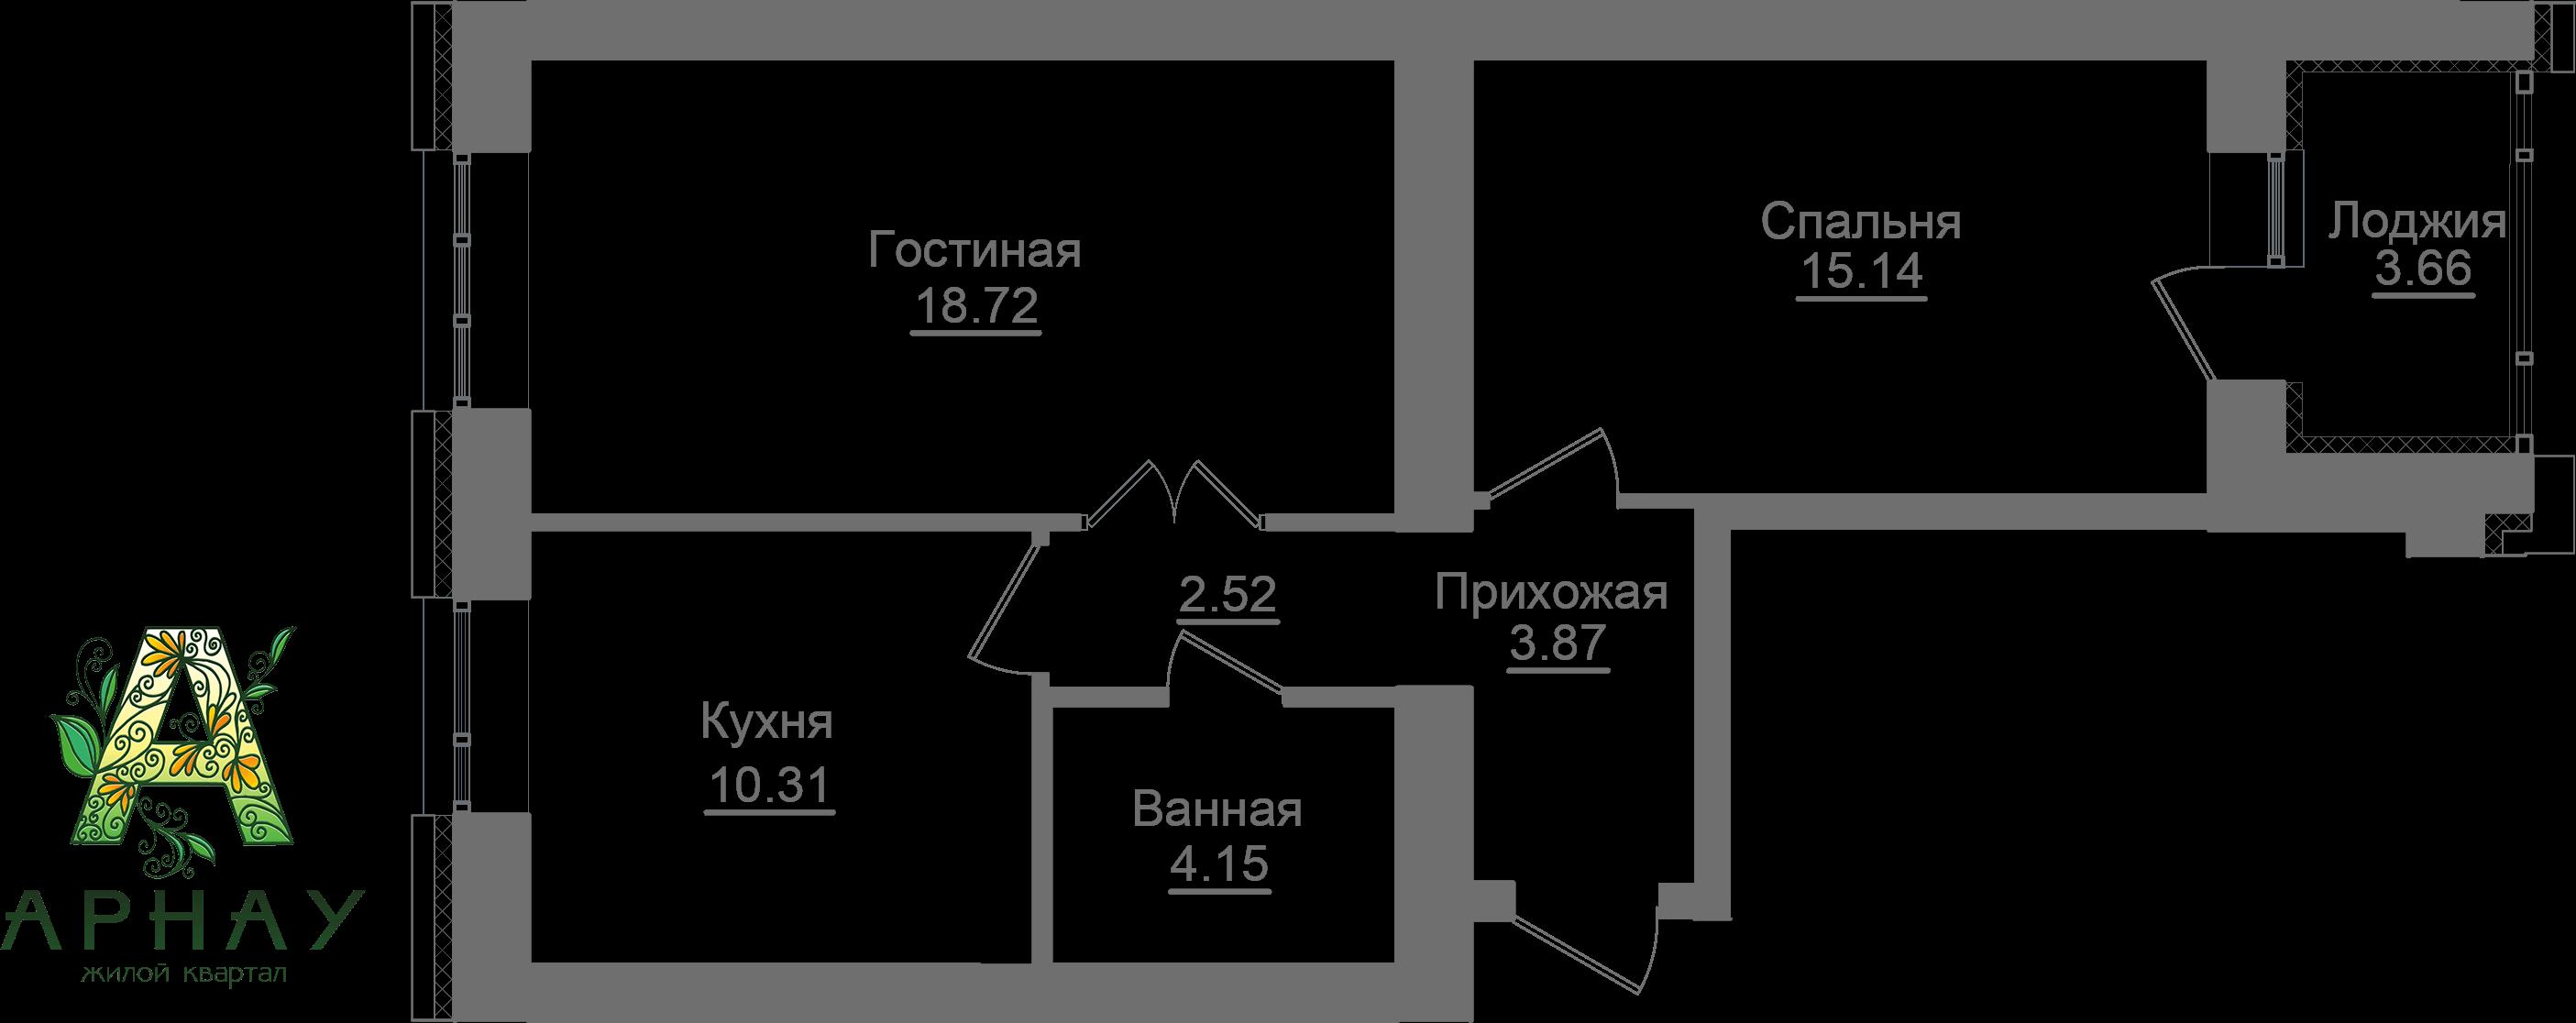 Квартира 101